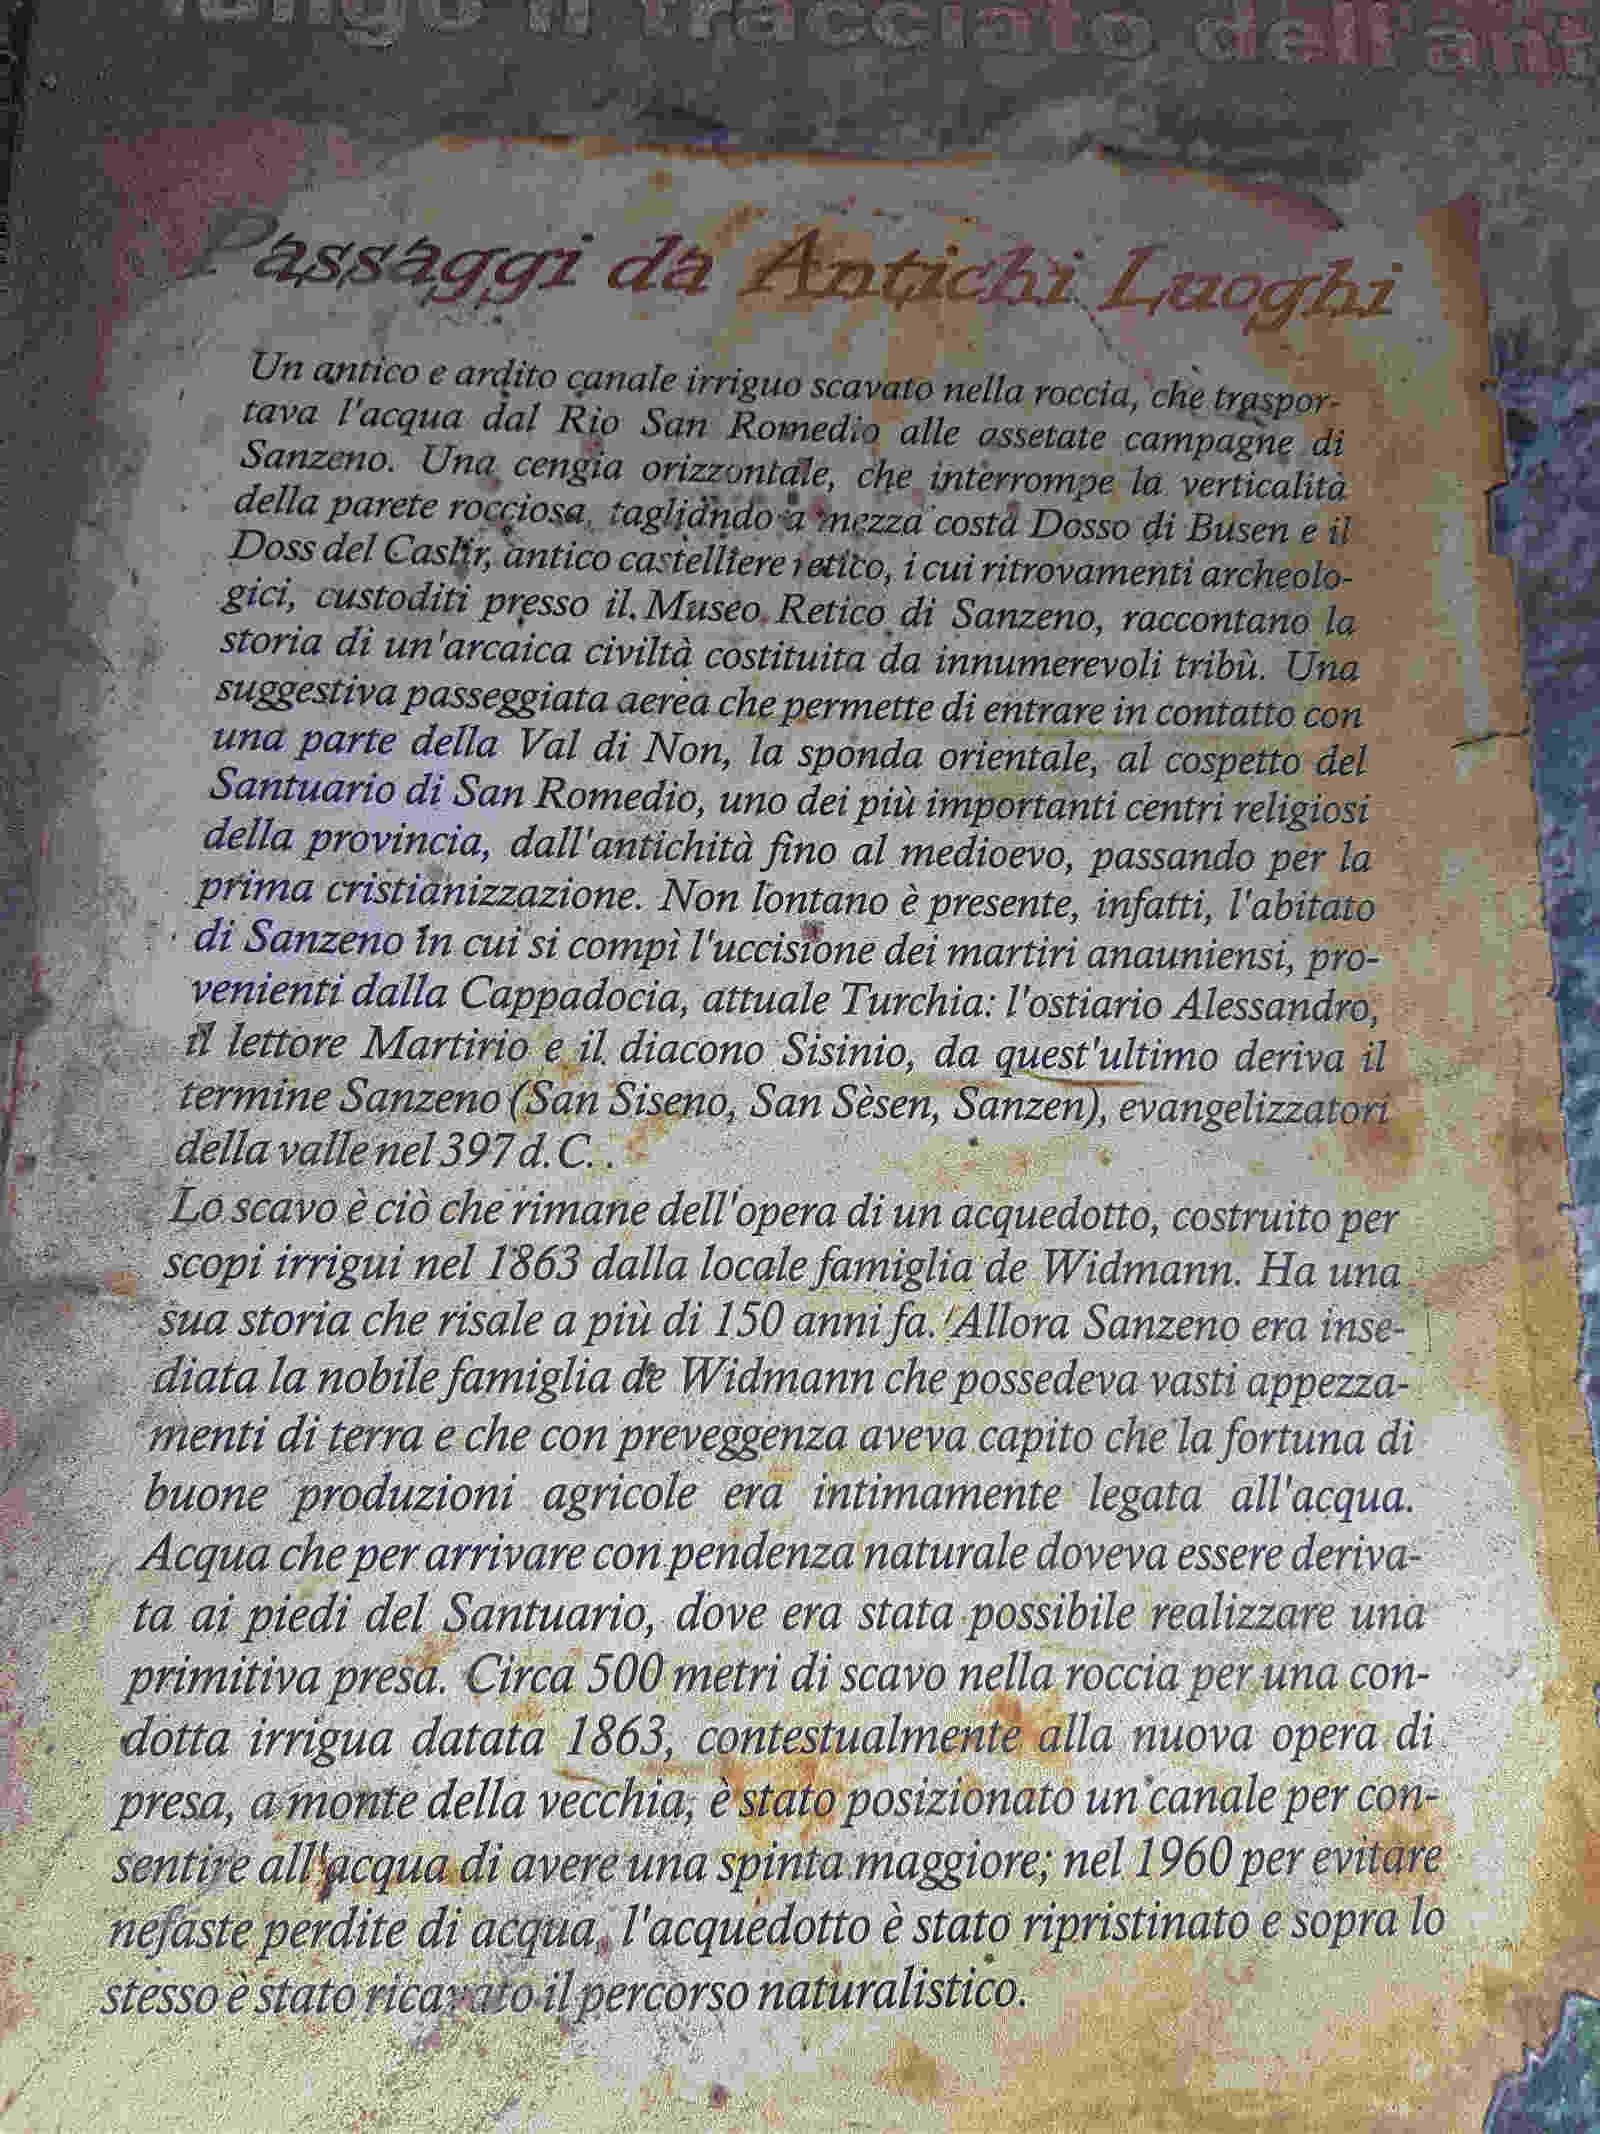 Cartellonistica esplicativa lungo la passeggiata di San Romedio nella forra Val Non Trentino